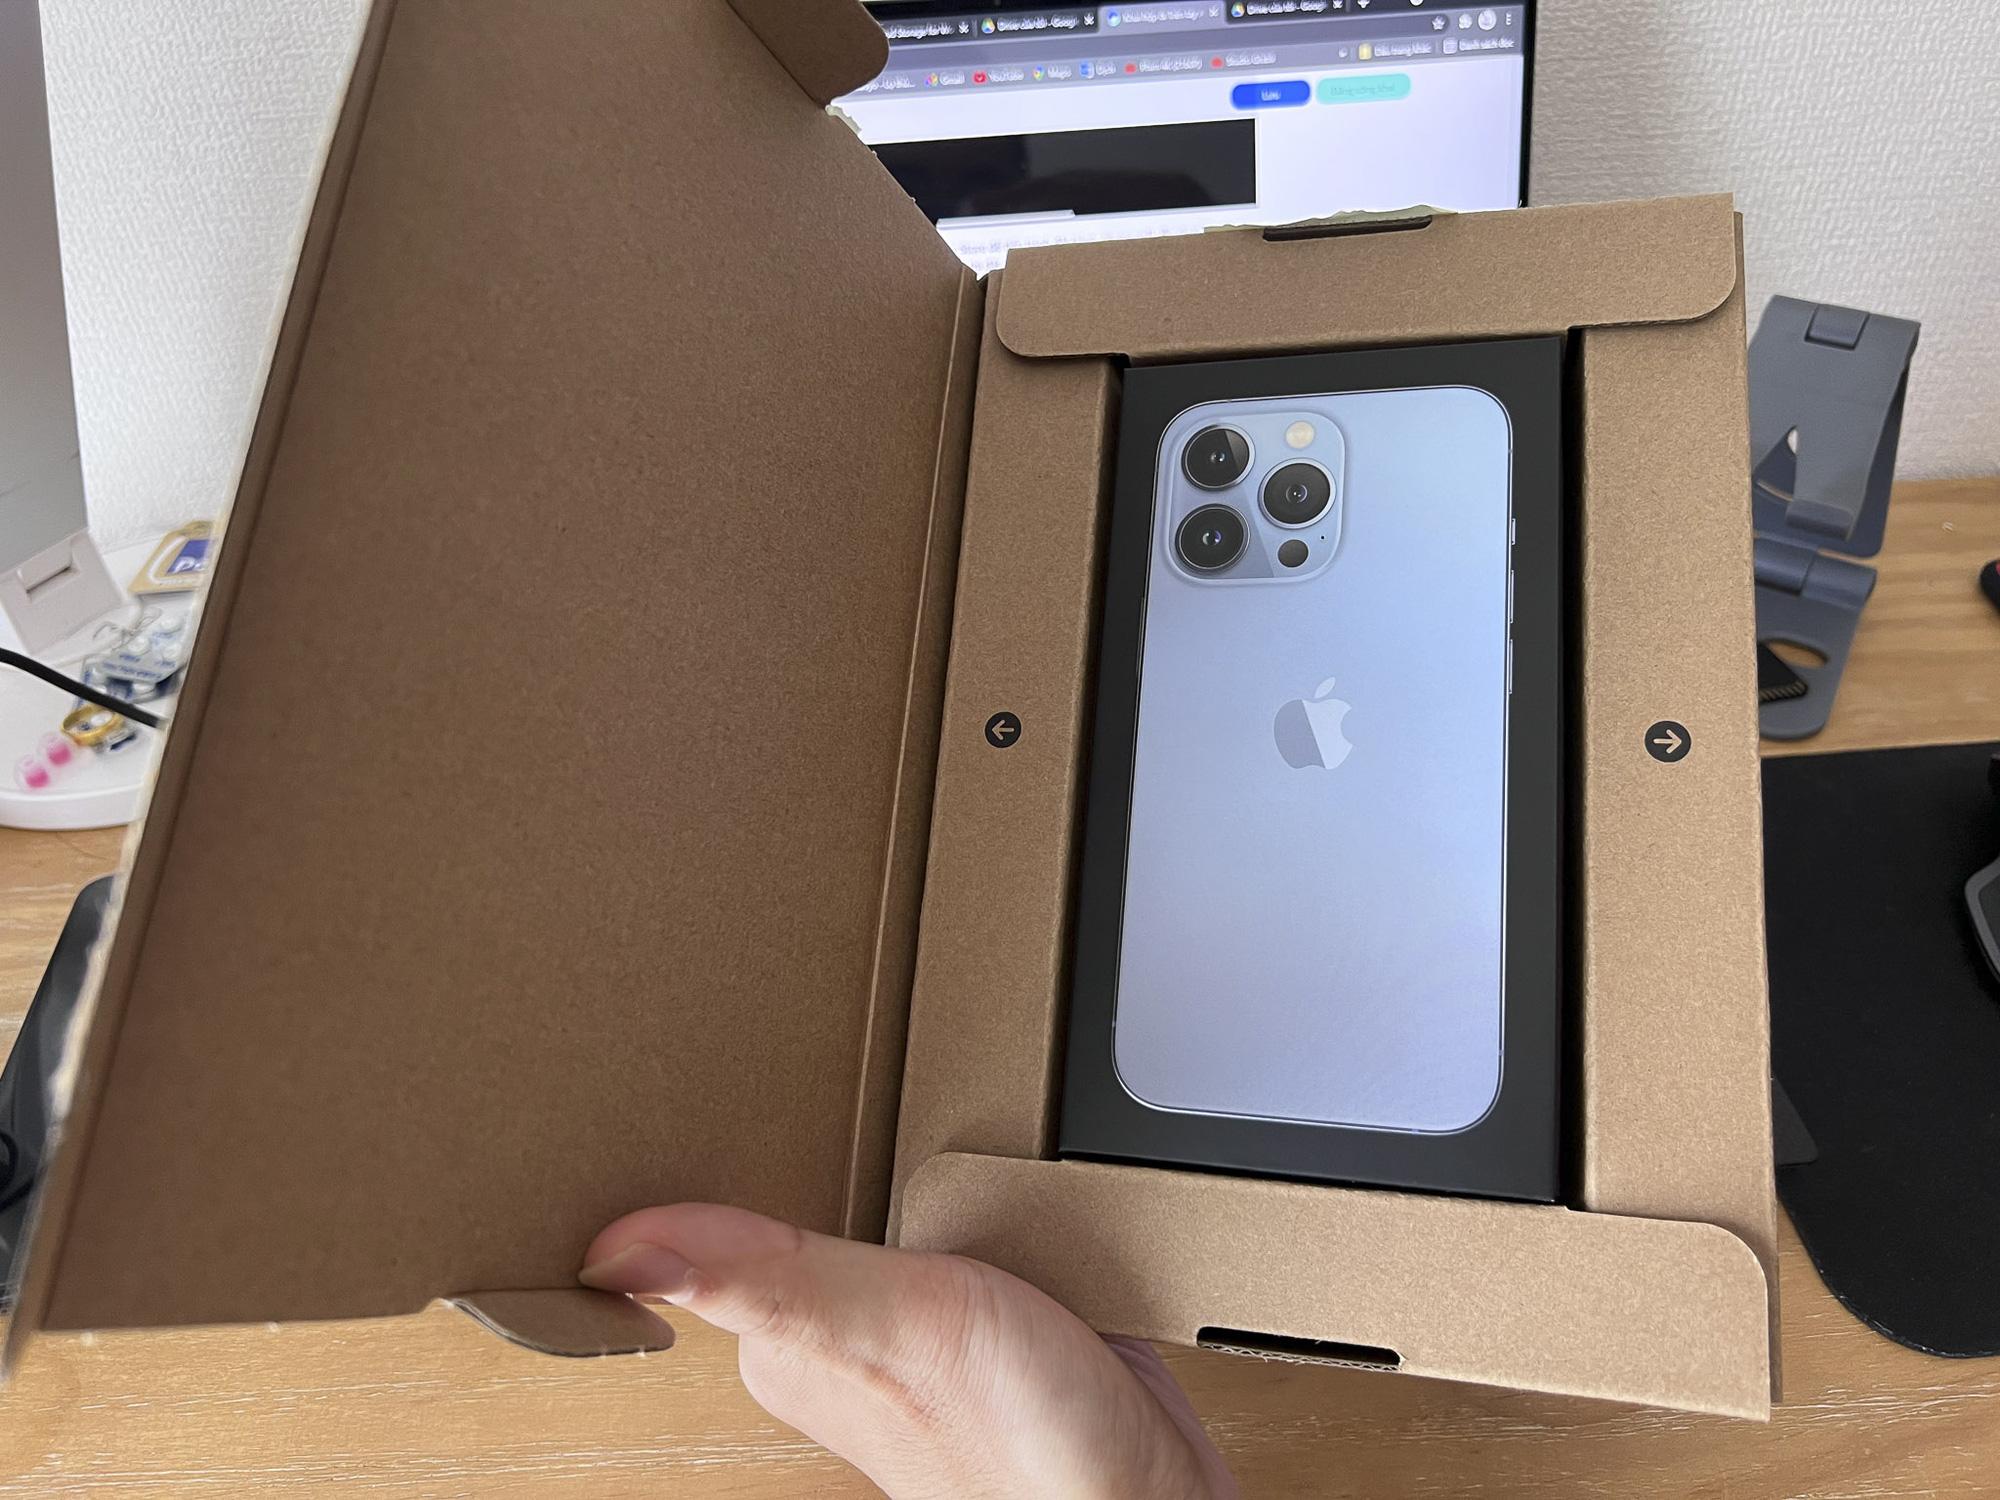 Chương trình đặt cọc iPhone 13 sẽ được Apple triển khai trở lại tại thị trường Việt Nam vào đầu tháng 10/2021. Ảnh: @Google.